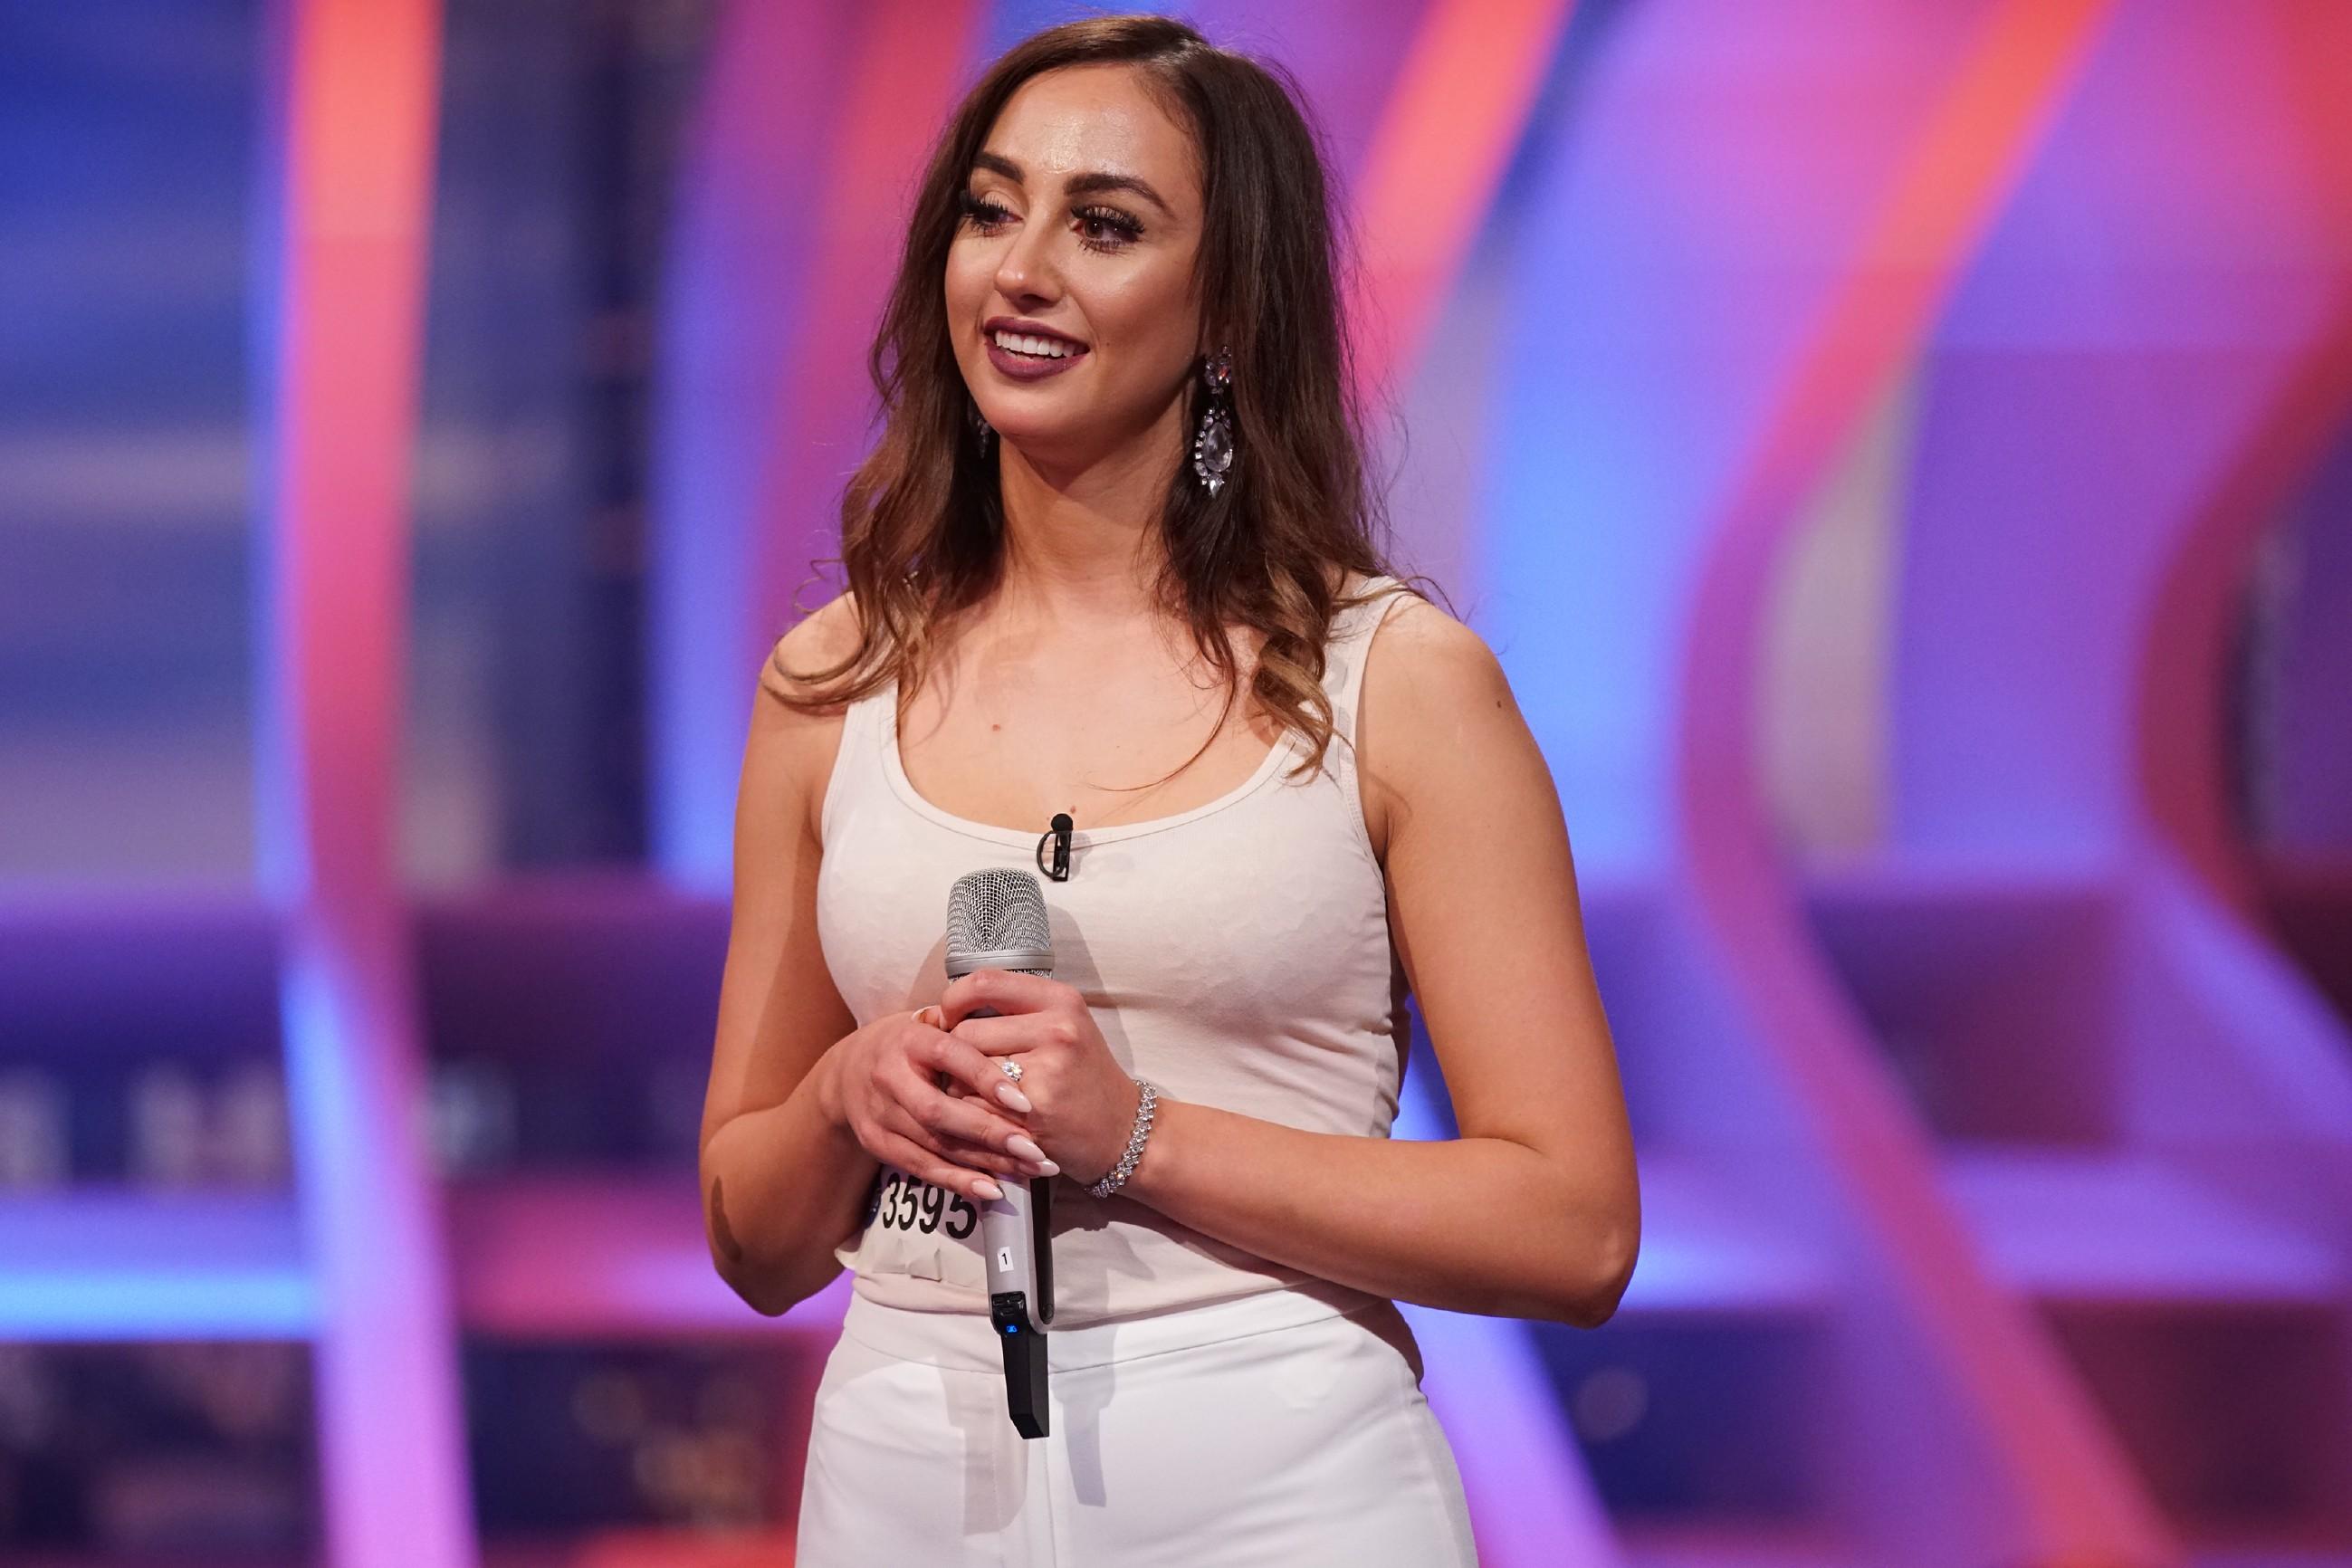 Dsds 2017 Die Kandidaten Am Samstag Bei Rtl 04 02 2017 Stars On Tv